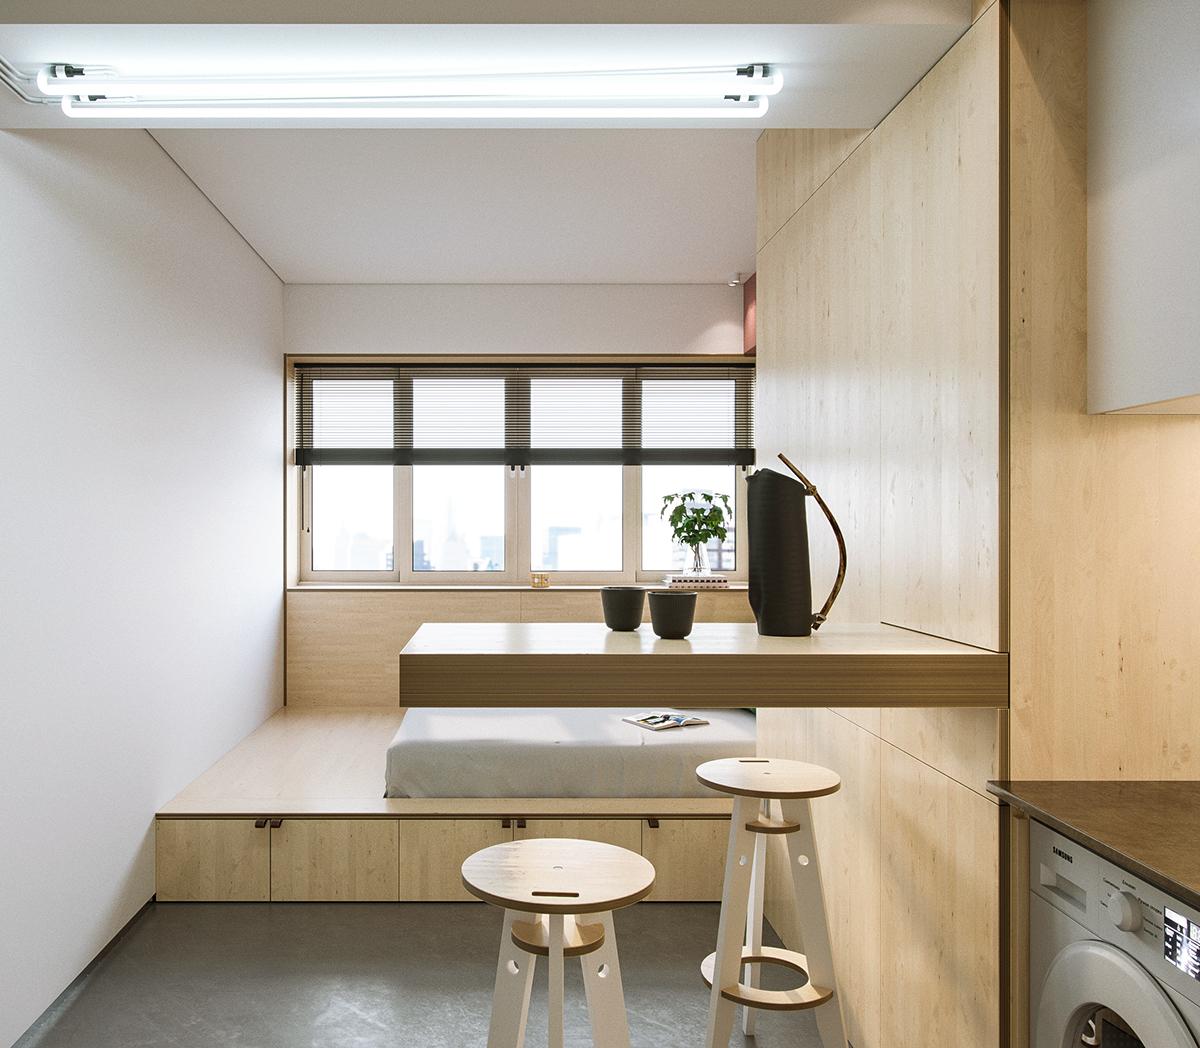 22㎡小户型公寓吧台装修效果图